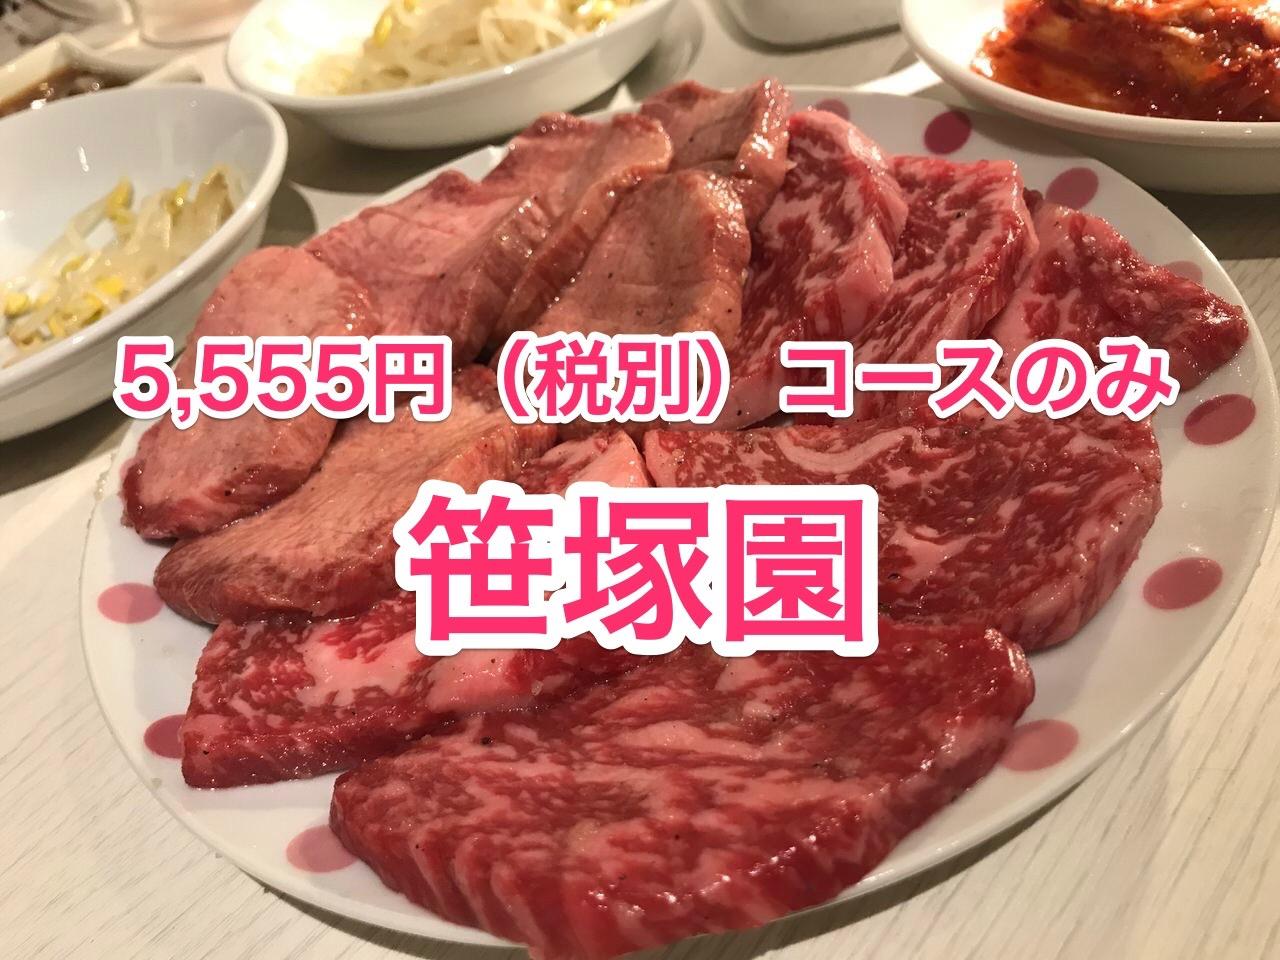 「焼肉笹塚園」ヒロミヤ・時楽にピンとくる人にオススメの焼肉店【笹塚】